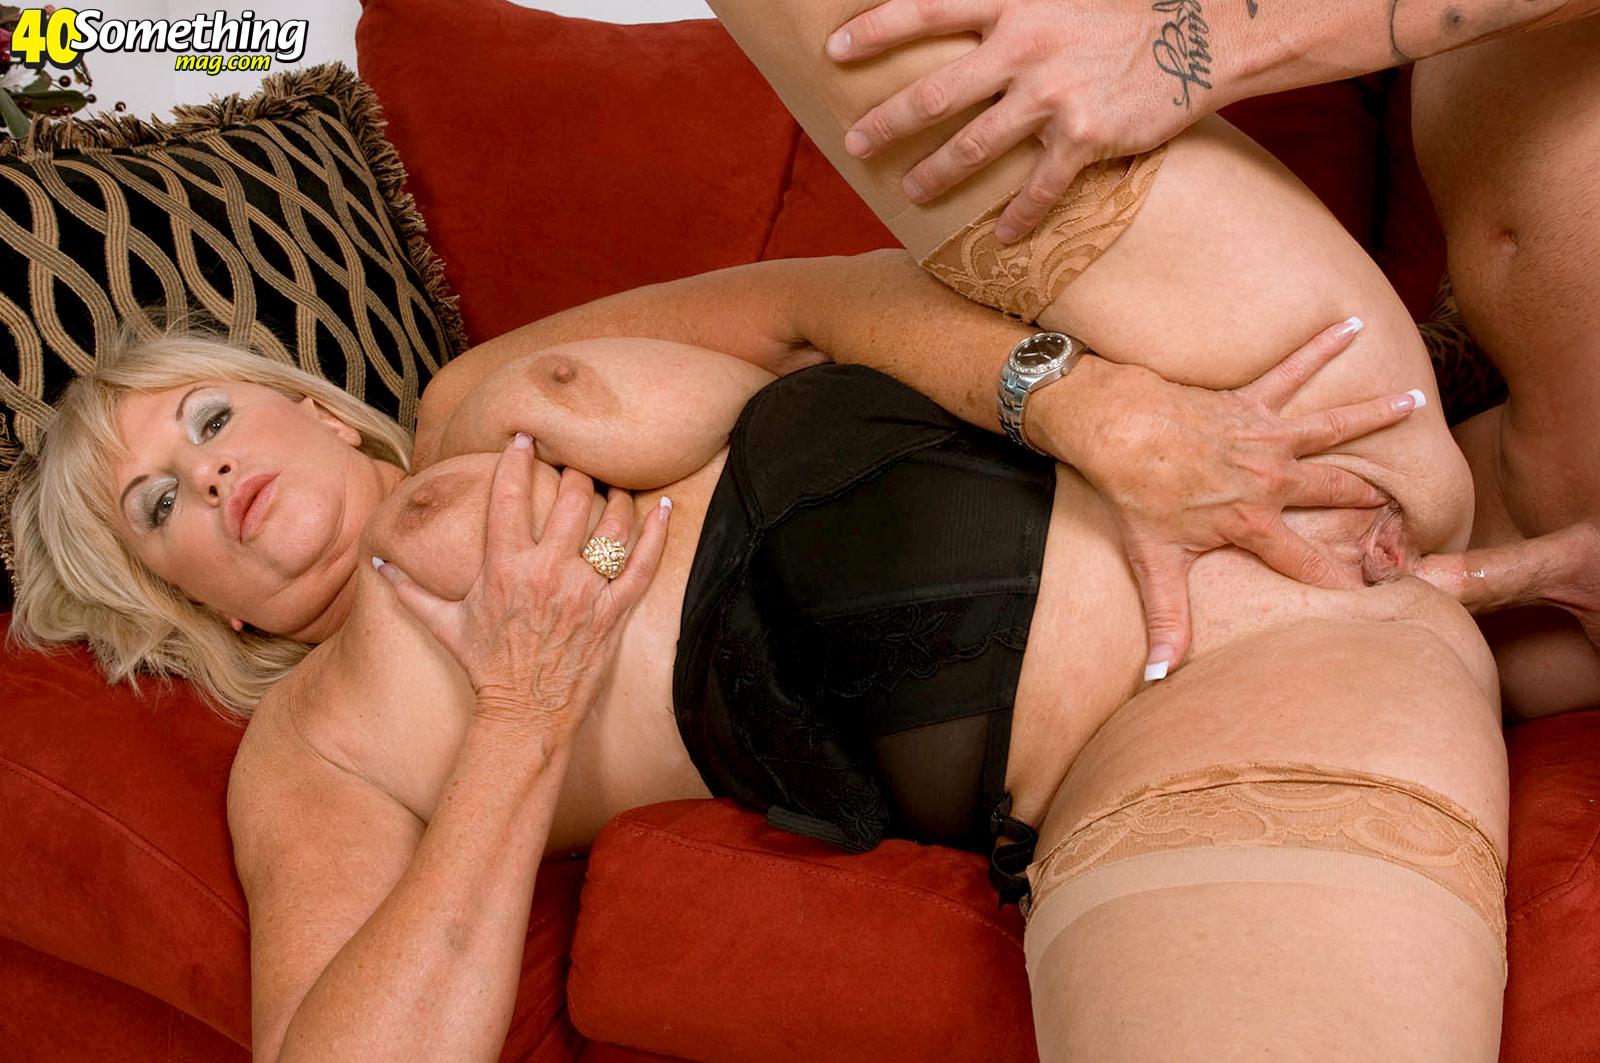 Mature women having anal